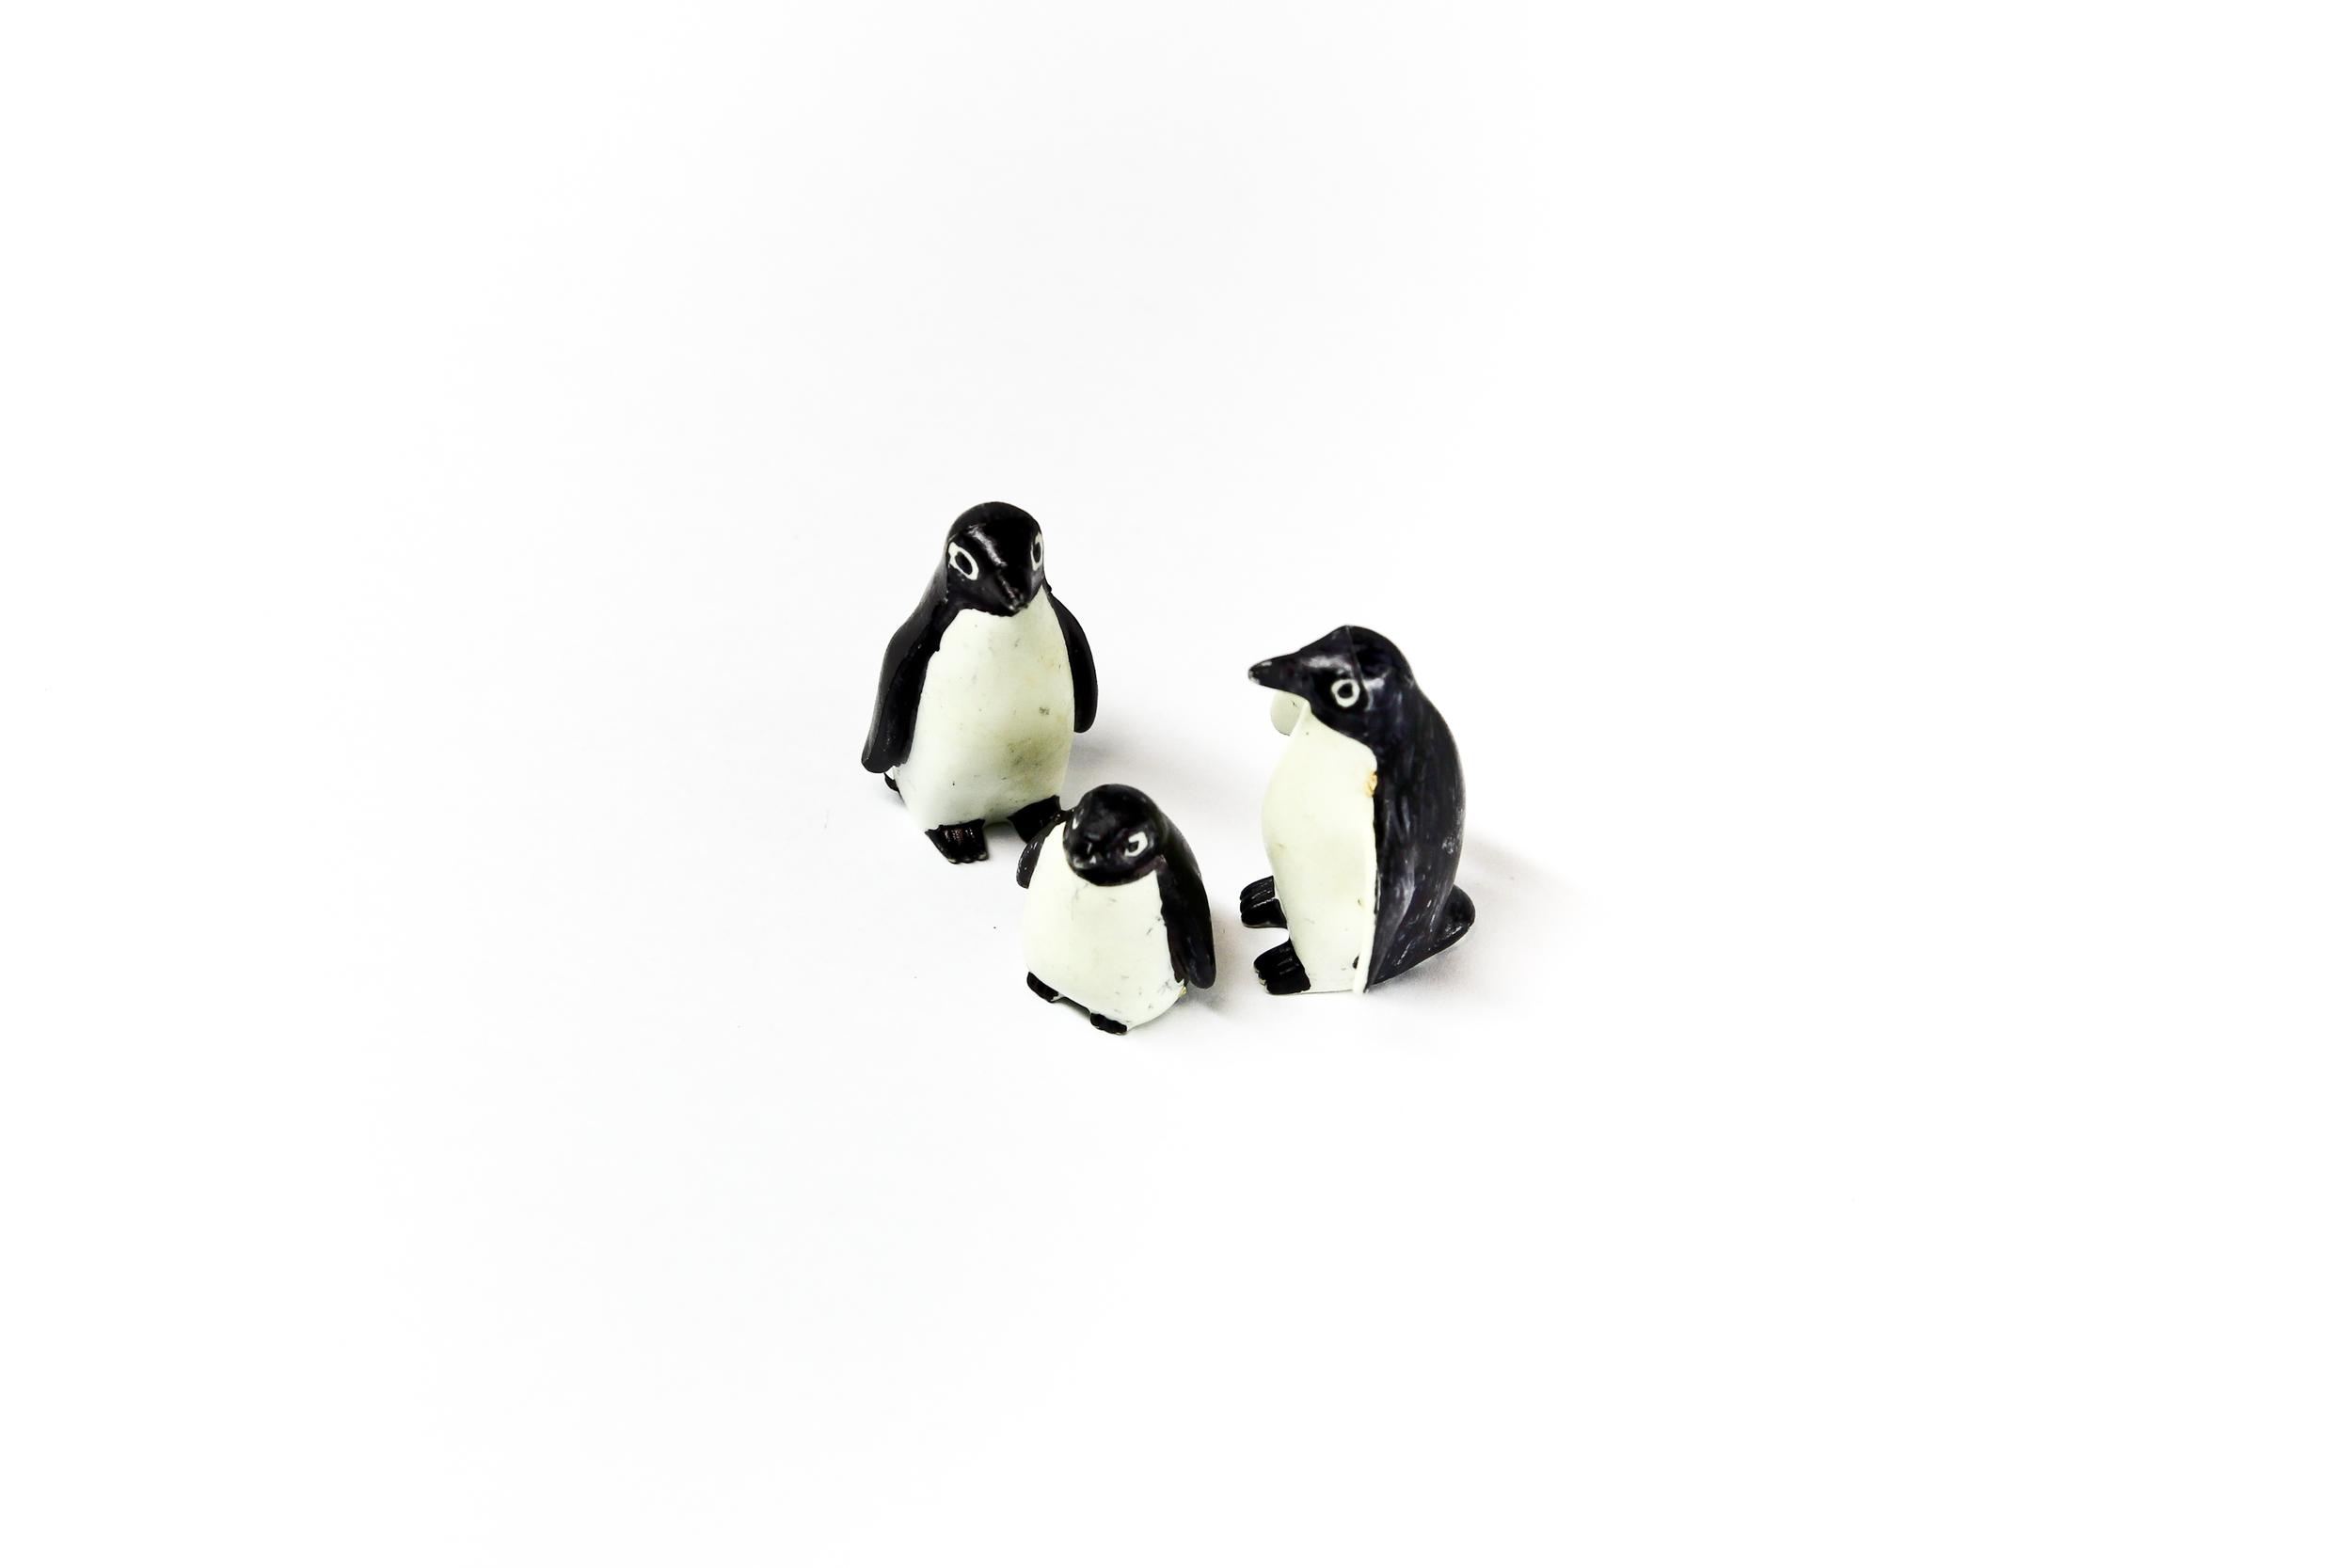 Trio of penguin figurines